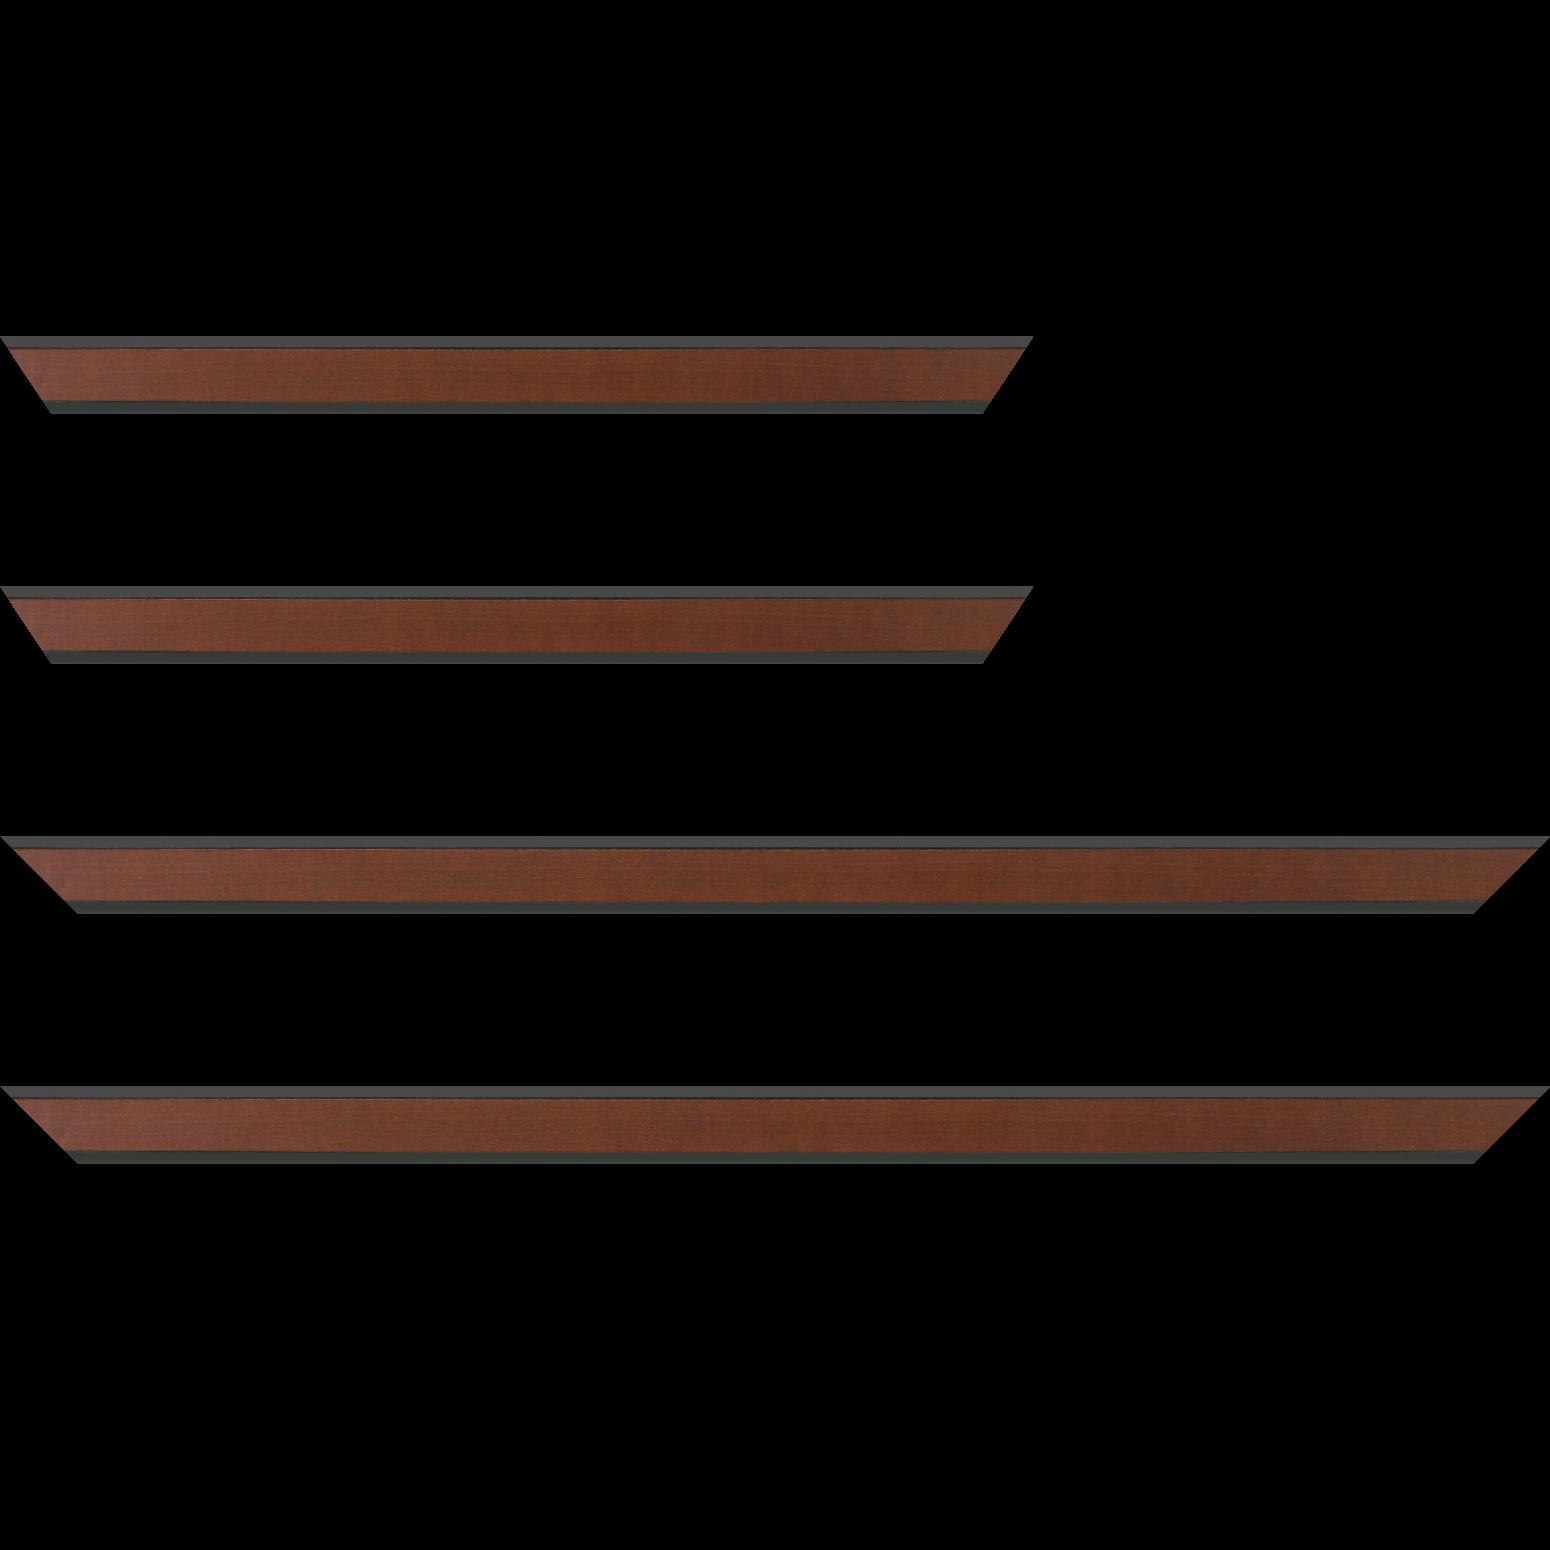 Baguette service précoupé Bois essence marupa profil plat largeur 2.5cm plaquage érable teinté marron foncé, filet intérieur et extérieur gris foncé